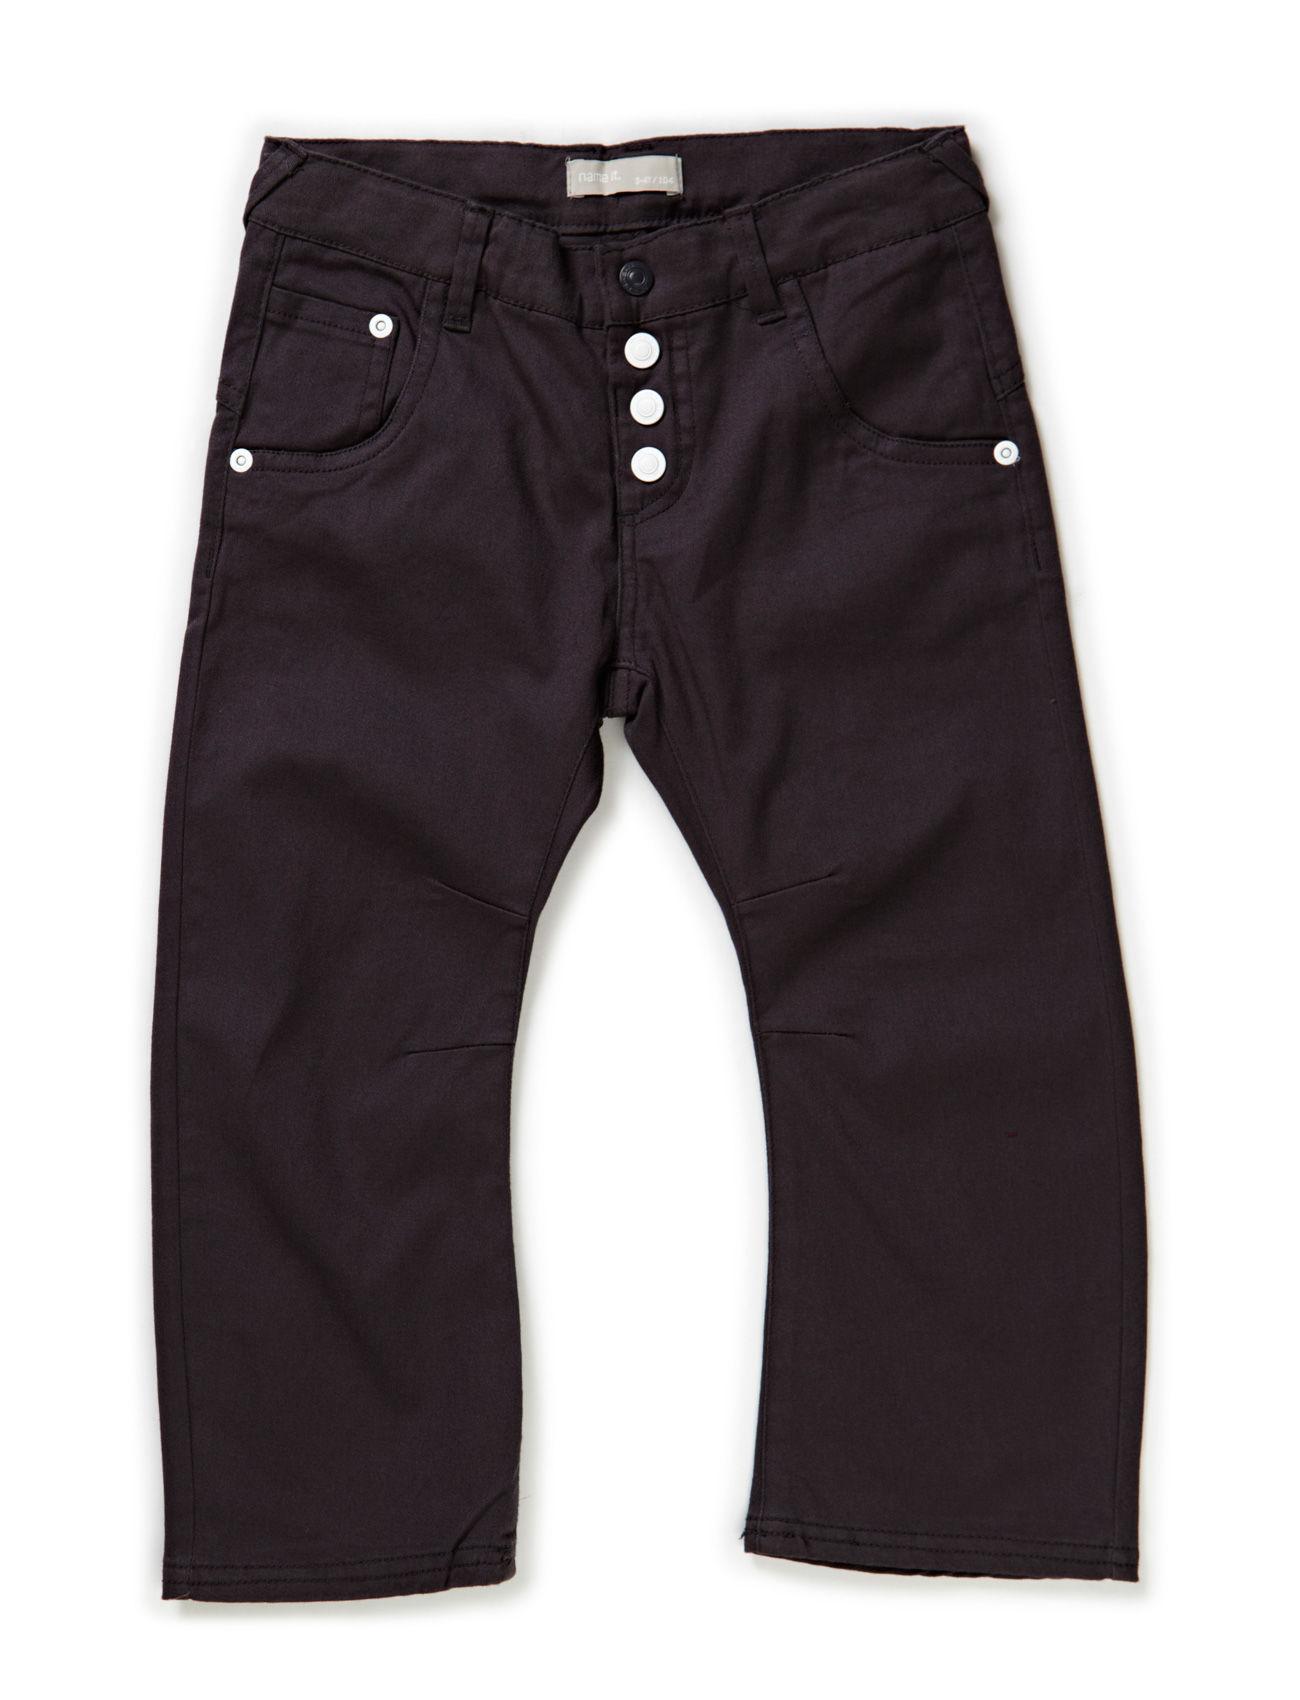 Kalex Mini Anti Fit Twill Pant Oct Xau14